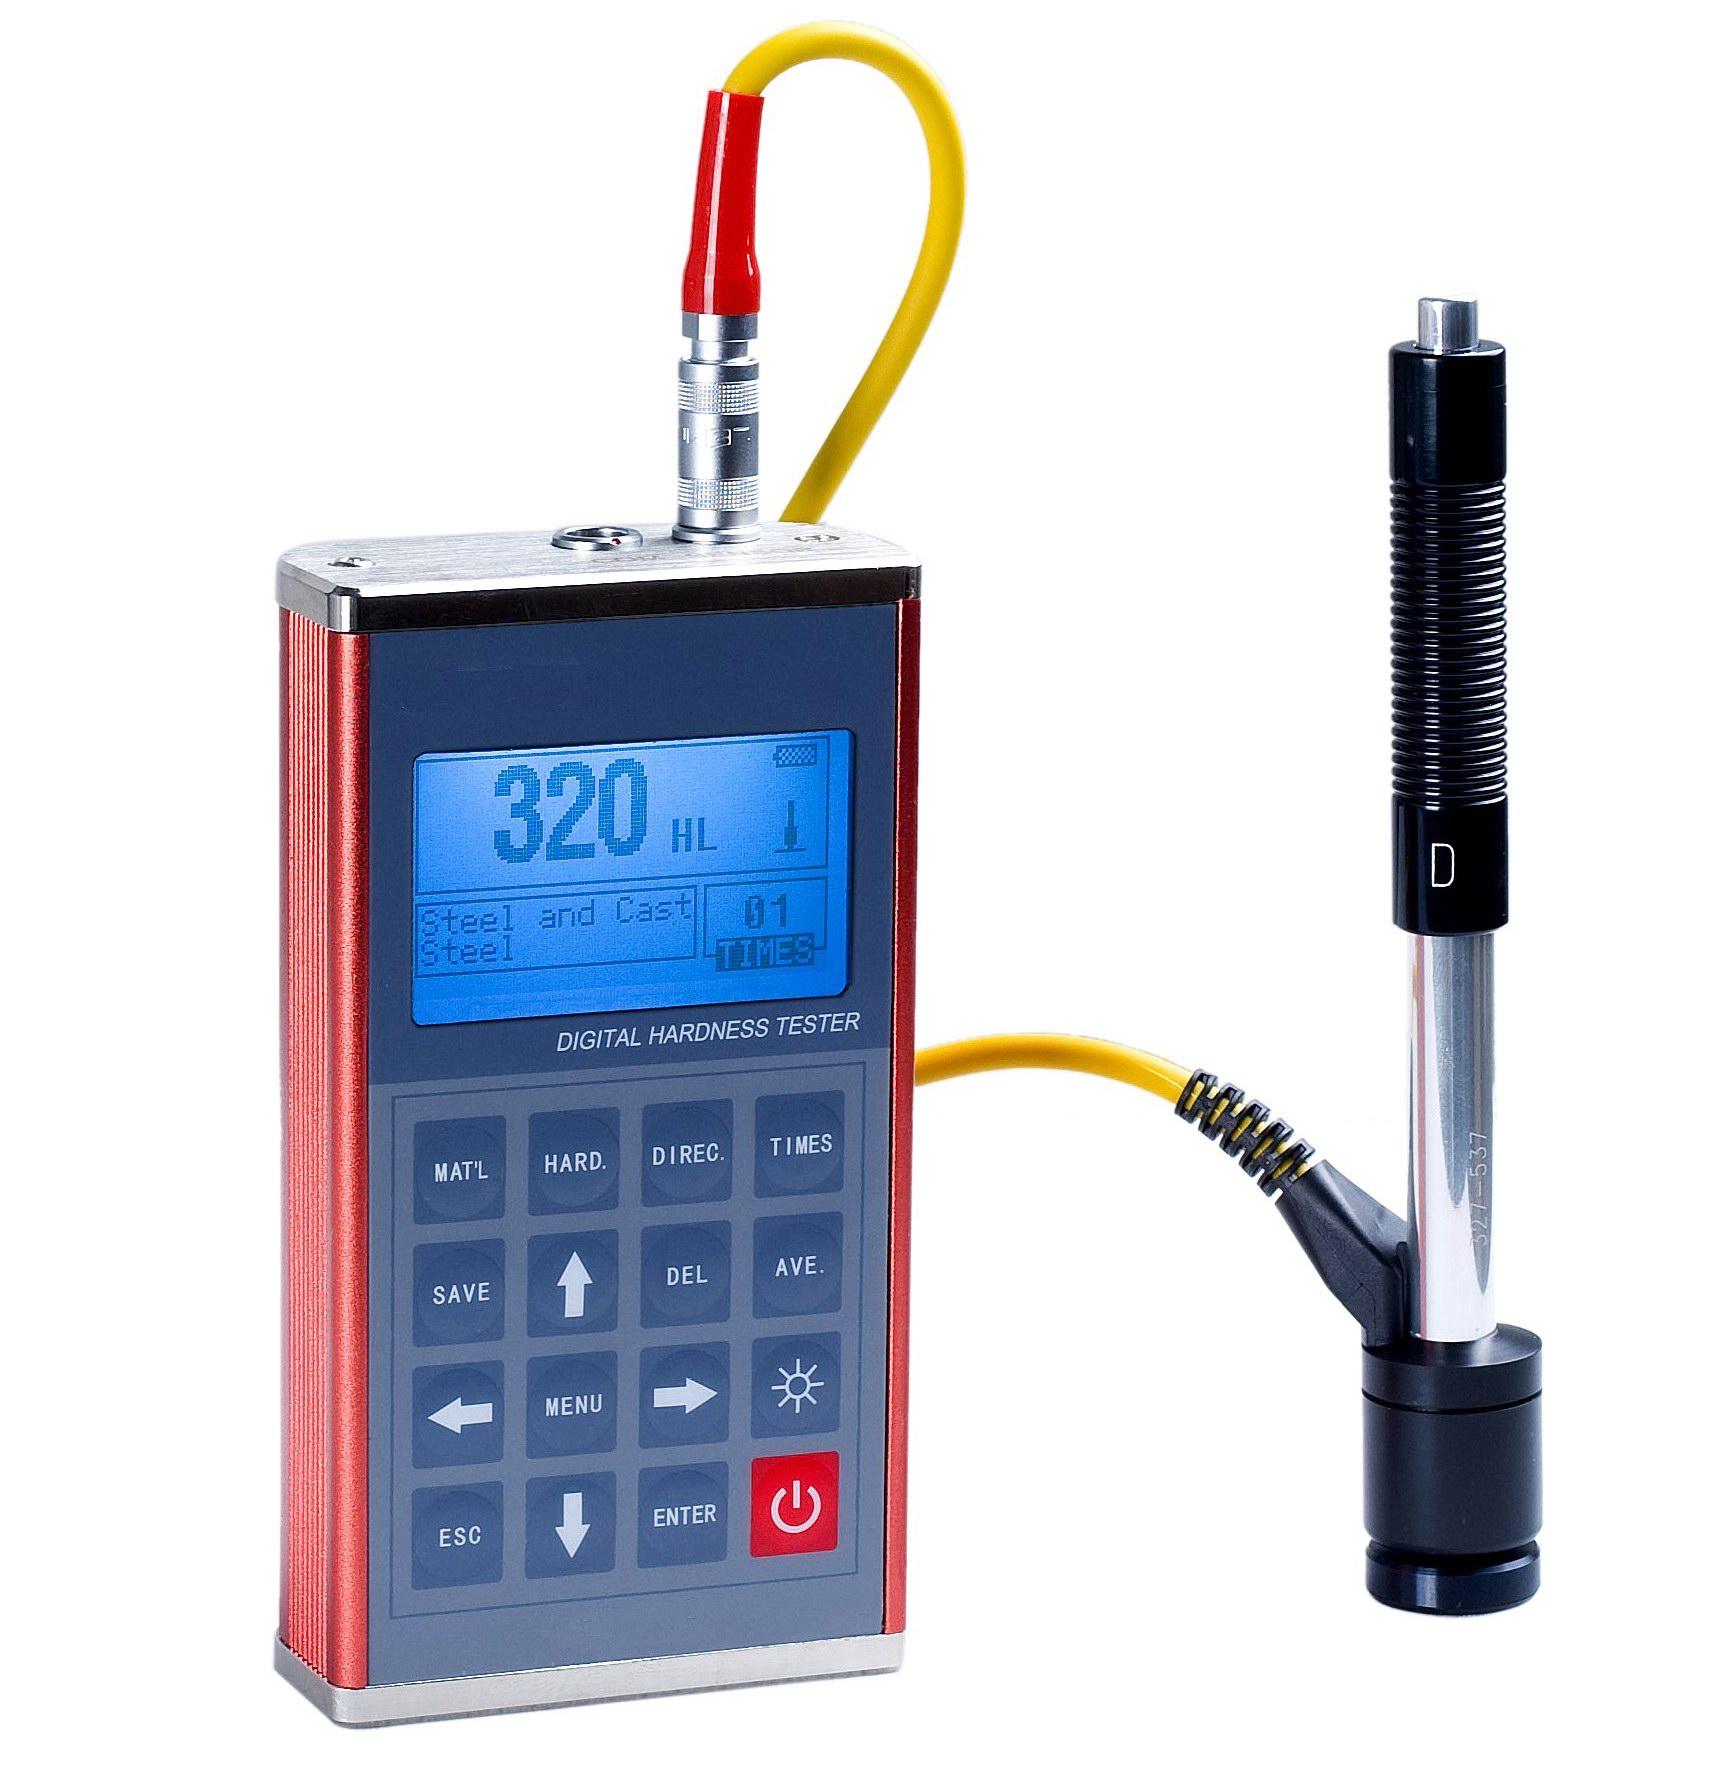 里氏硬度计在热处理行业中的实际应用